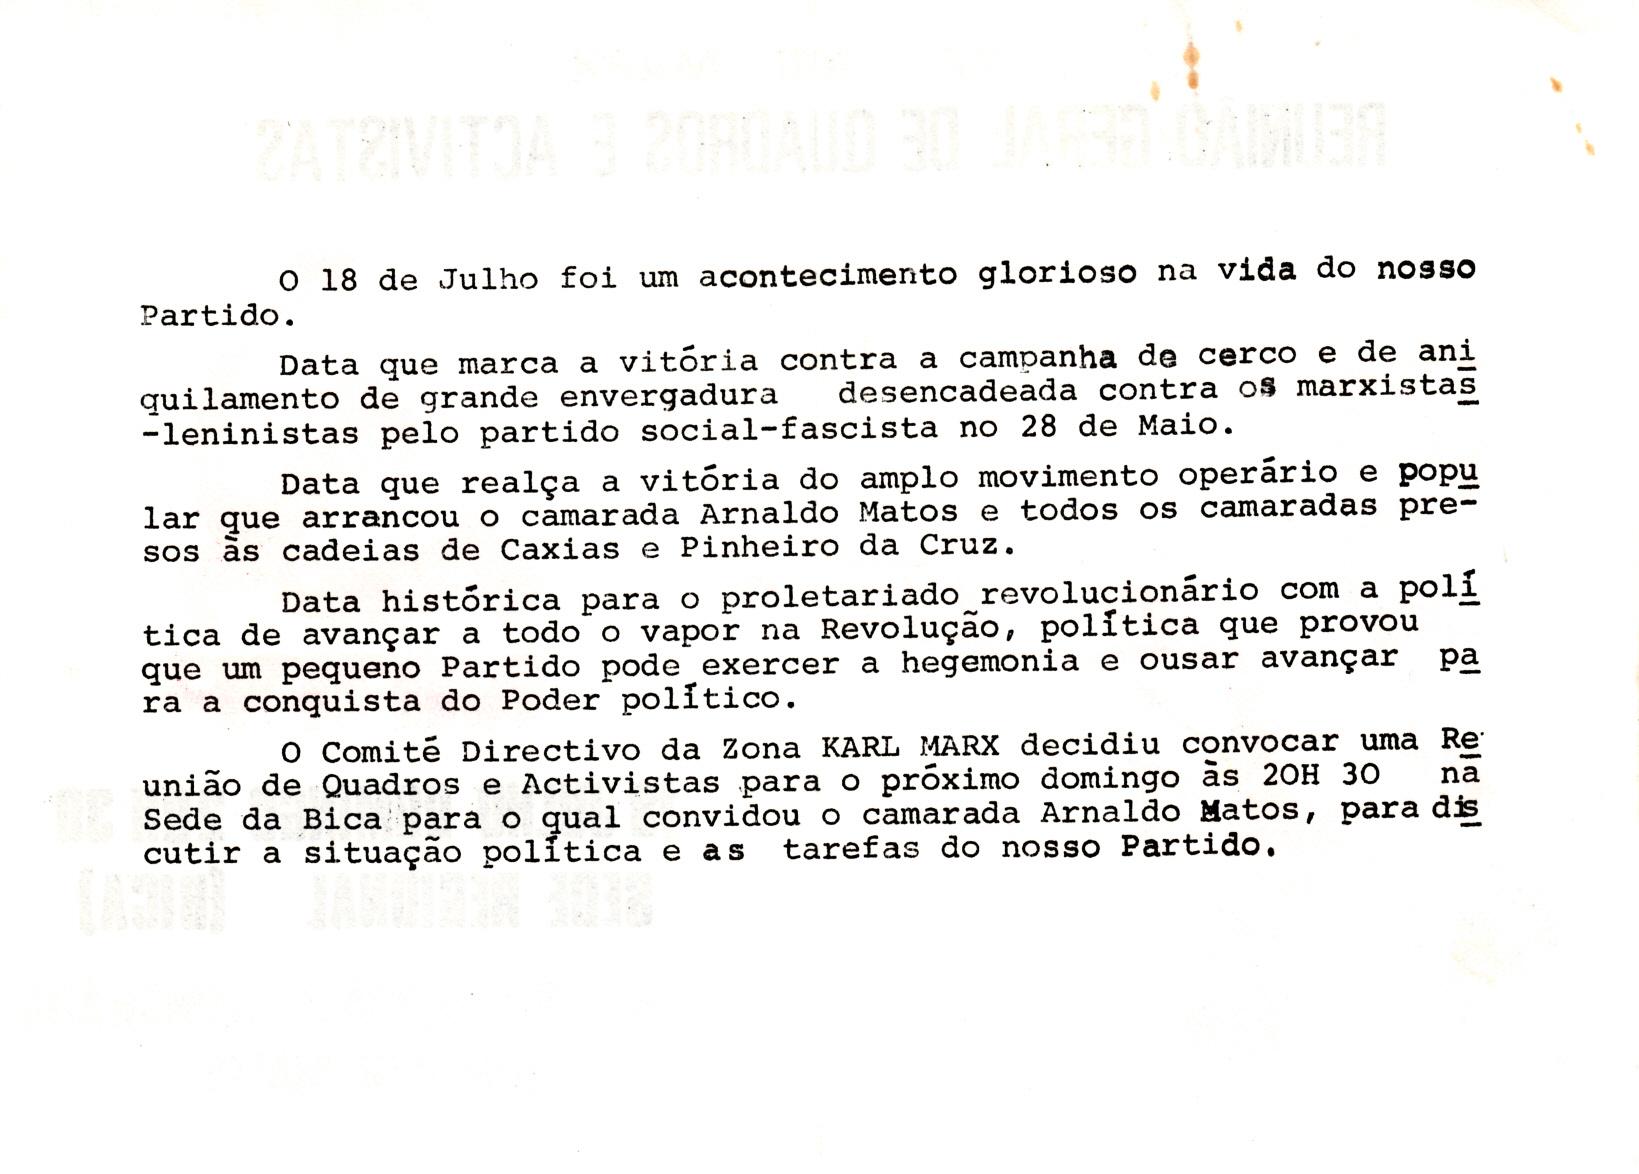 MRPP_1976_07_18_0004